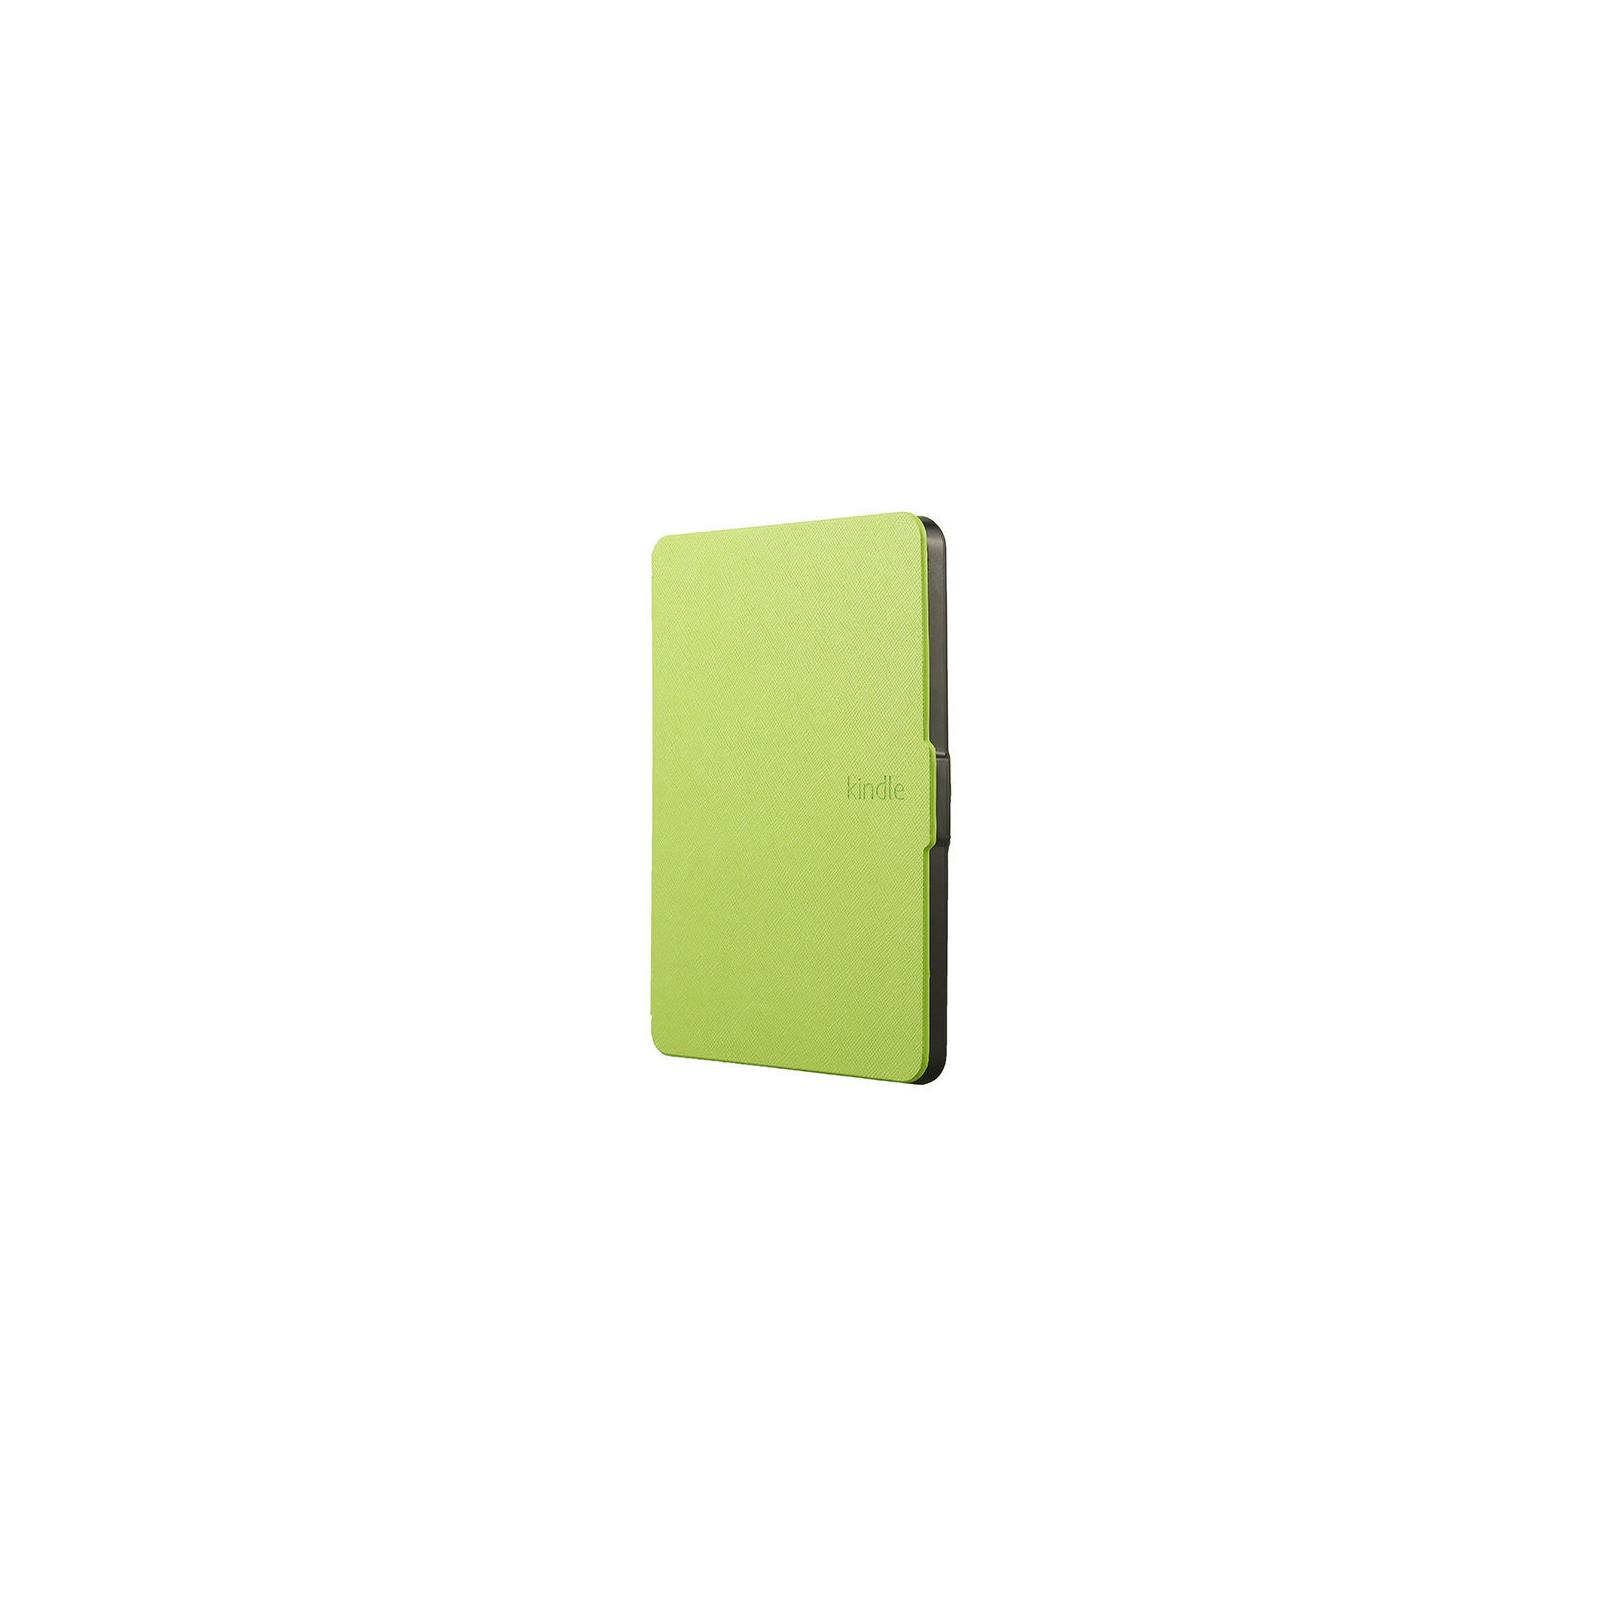 Чехол для электронной книги AirOn для Amazon Kindle 6 green (4822356754495) изображение 3